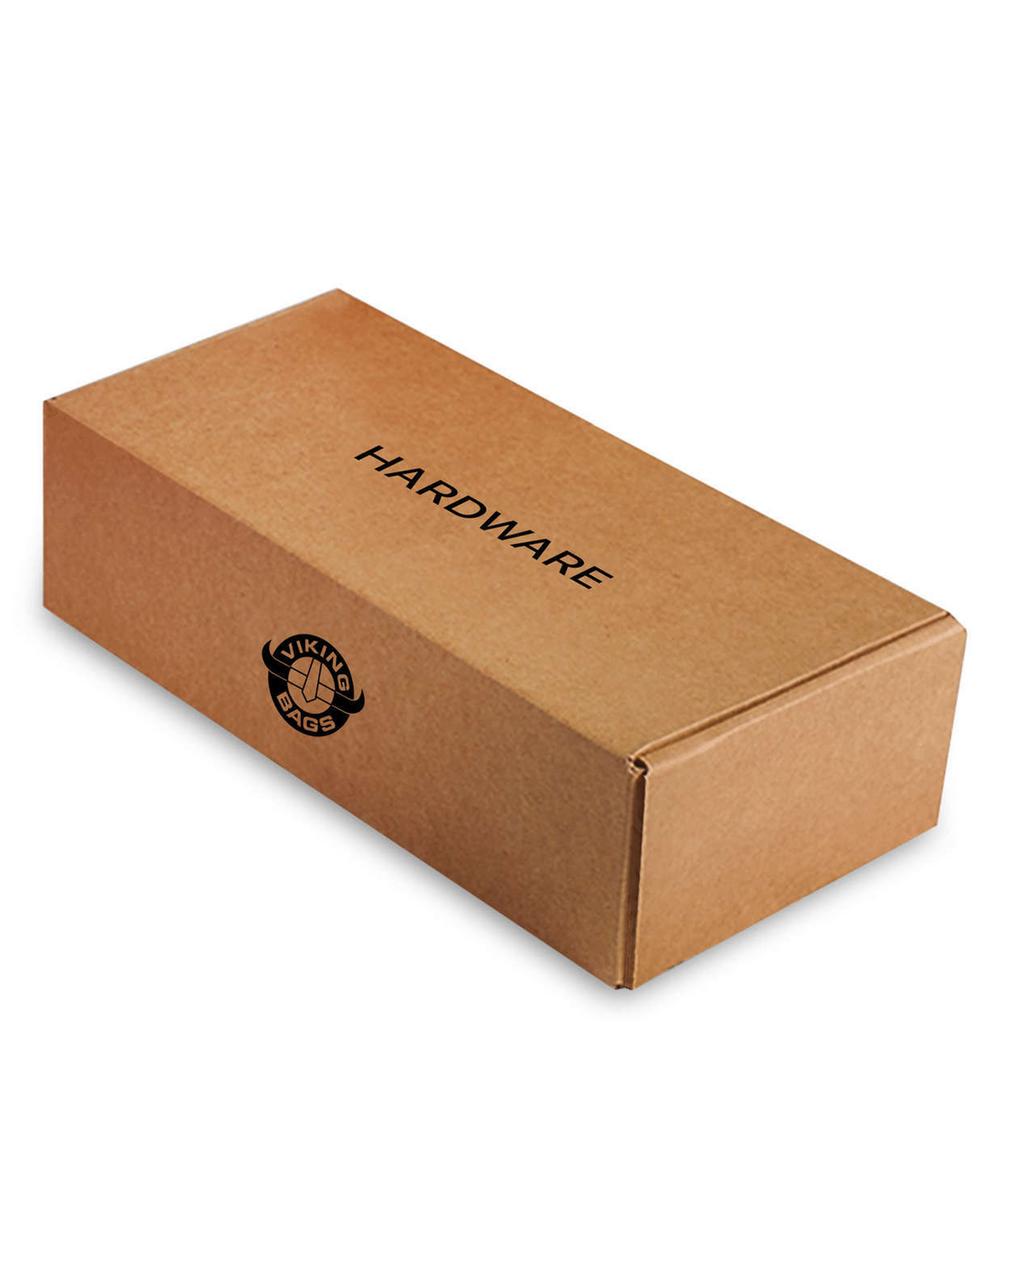 Honda 750 Shadow Aero Viking Lamellar Large Leather Covered Hard Saddlebags Box